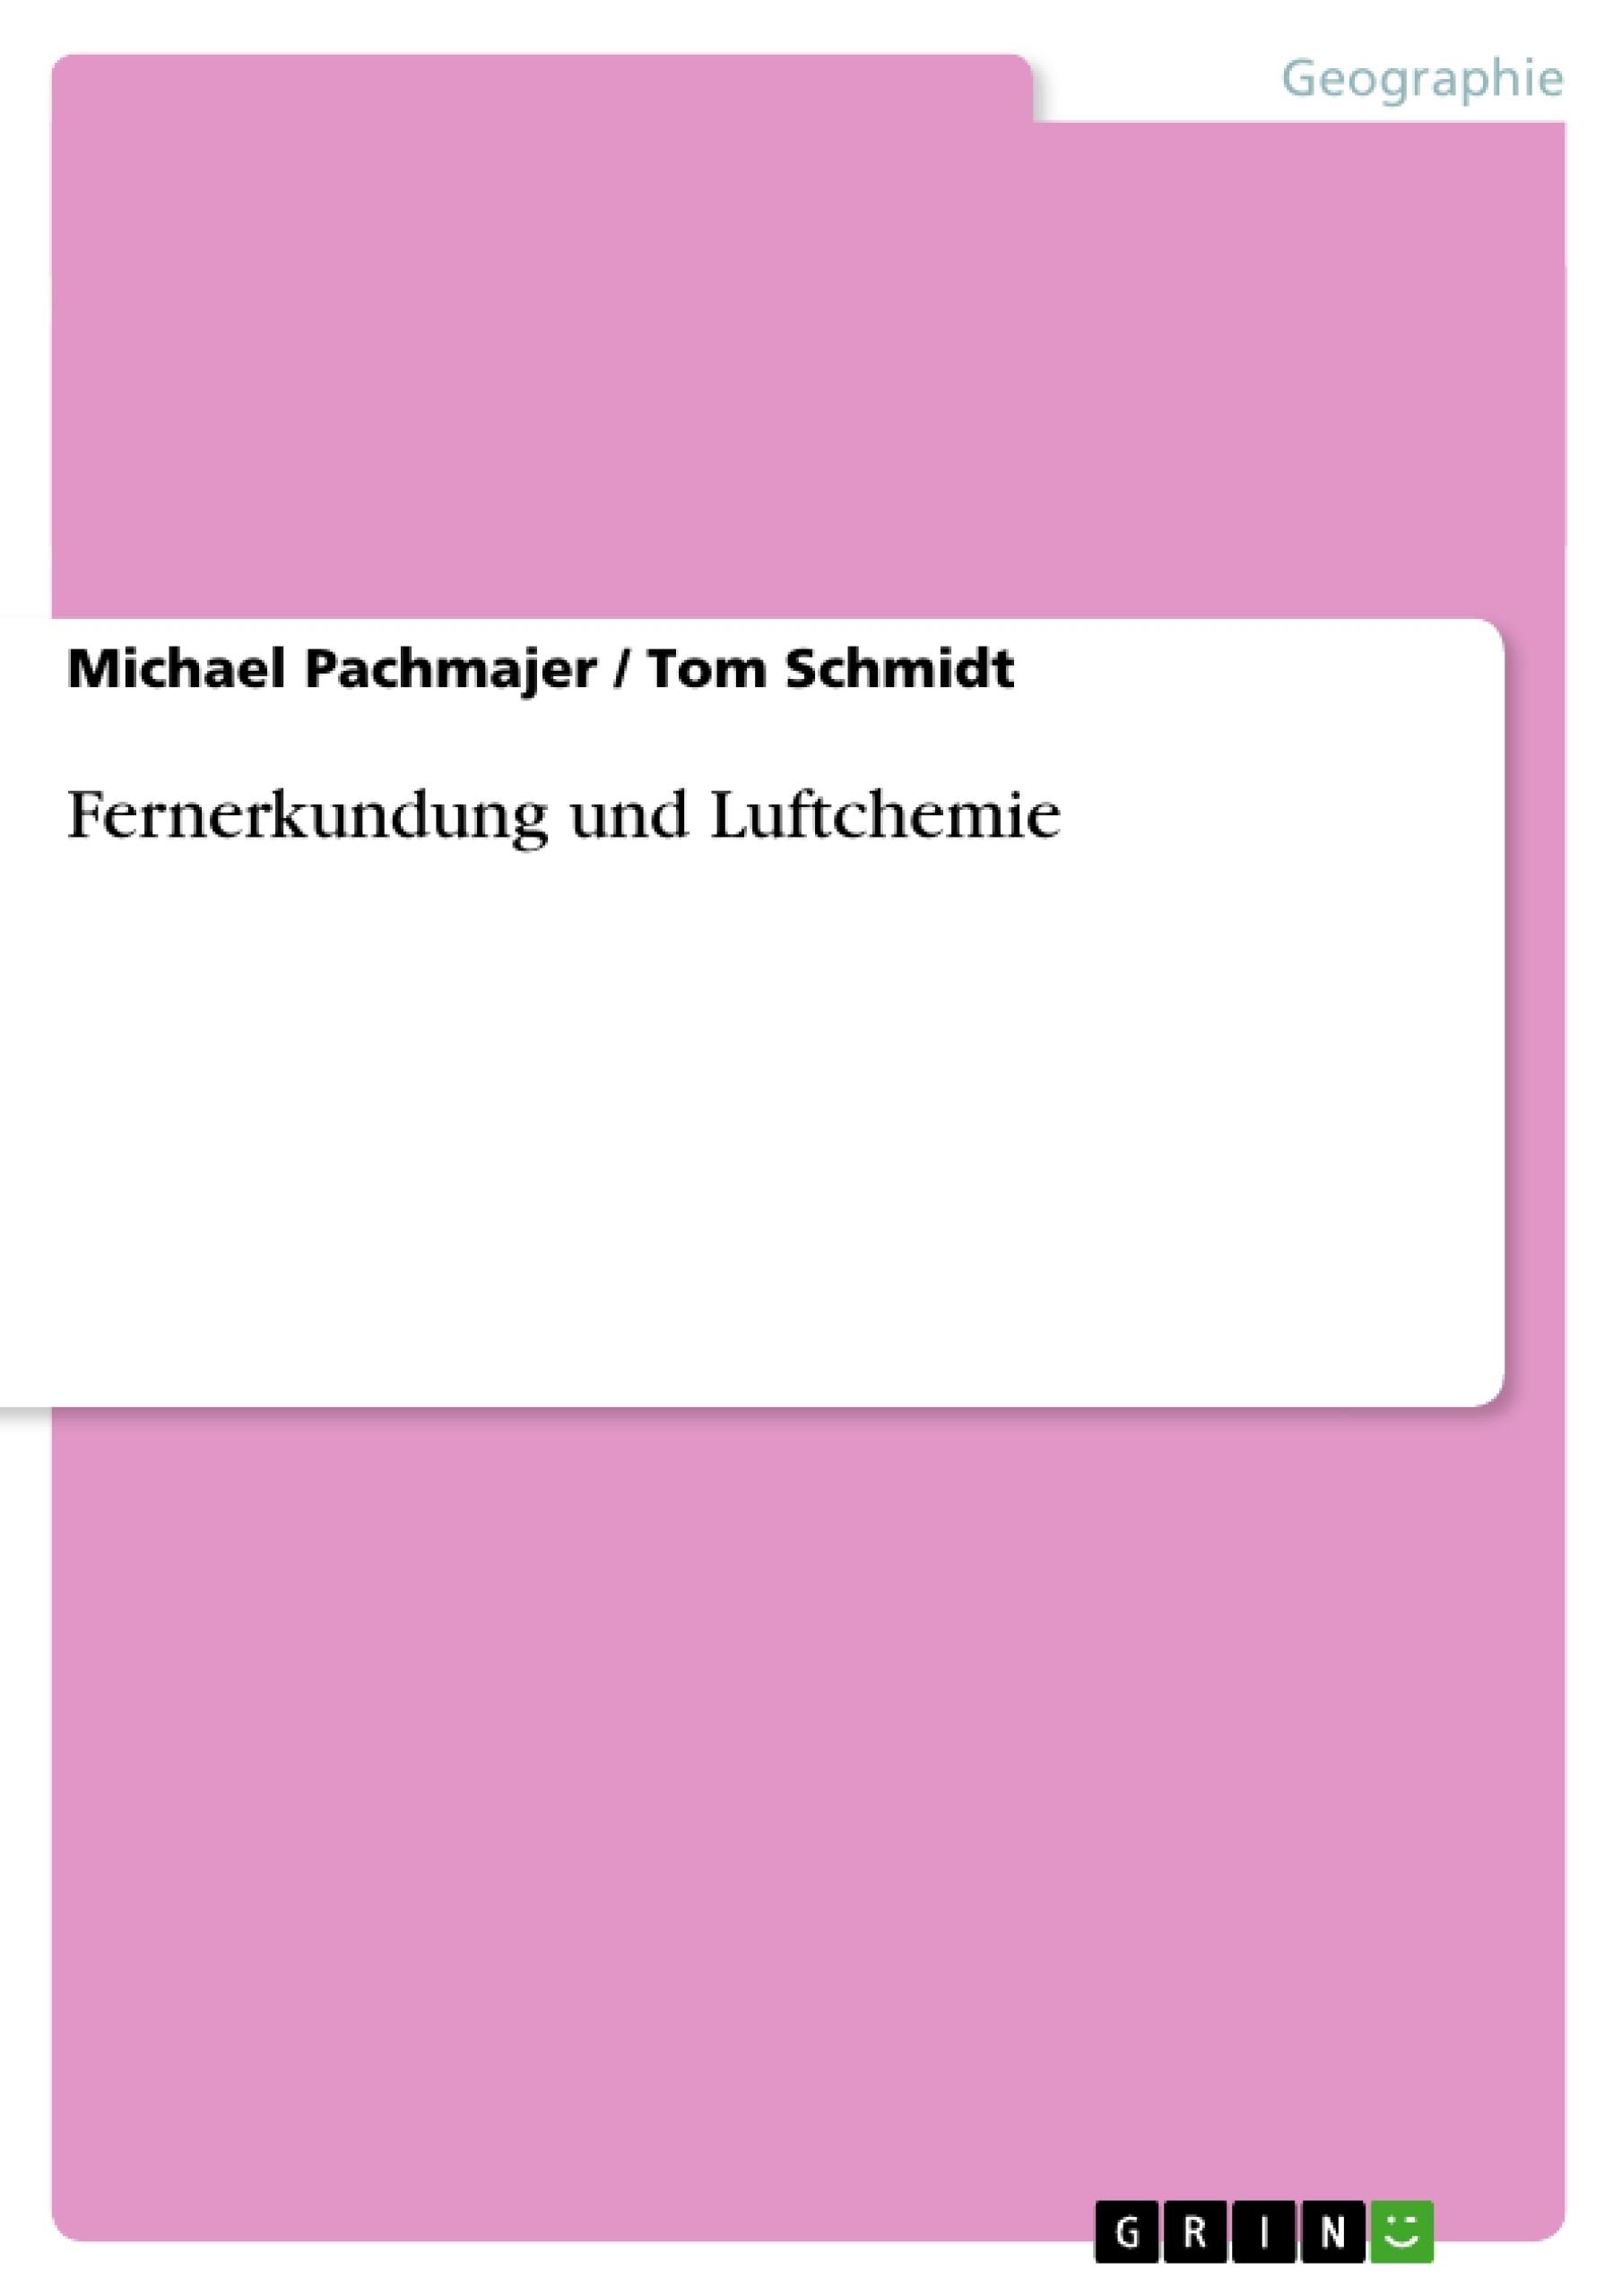 Titel: Fernerkundung und Luftchemie